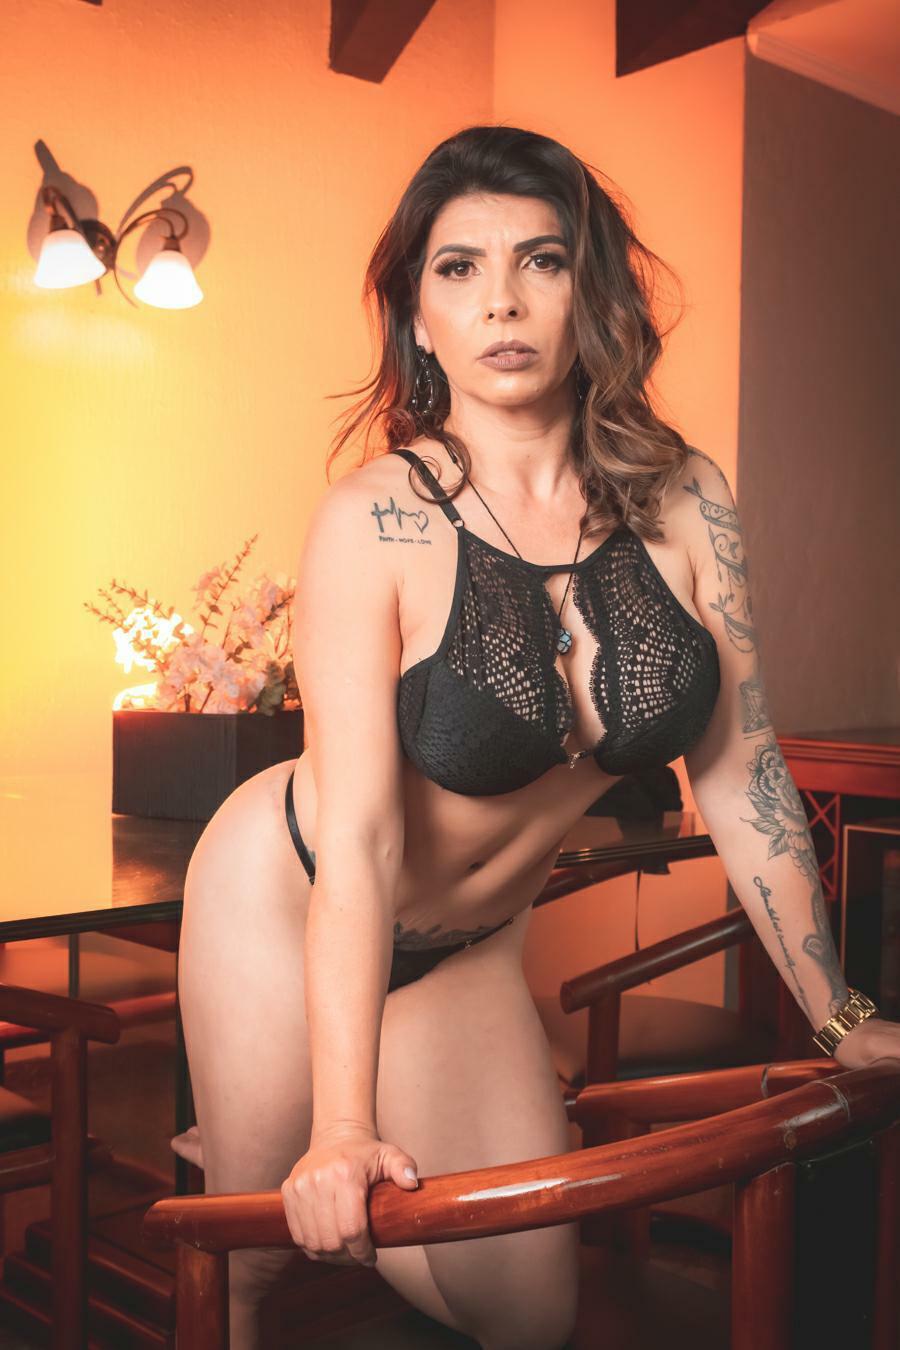 Modelo Barbara de Sá arrasa com corpo escultural nas redes sociais